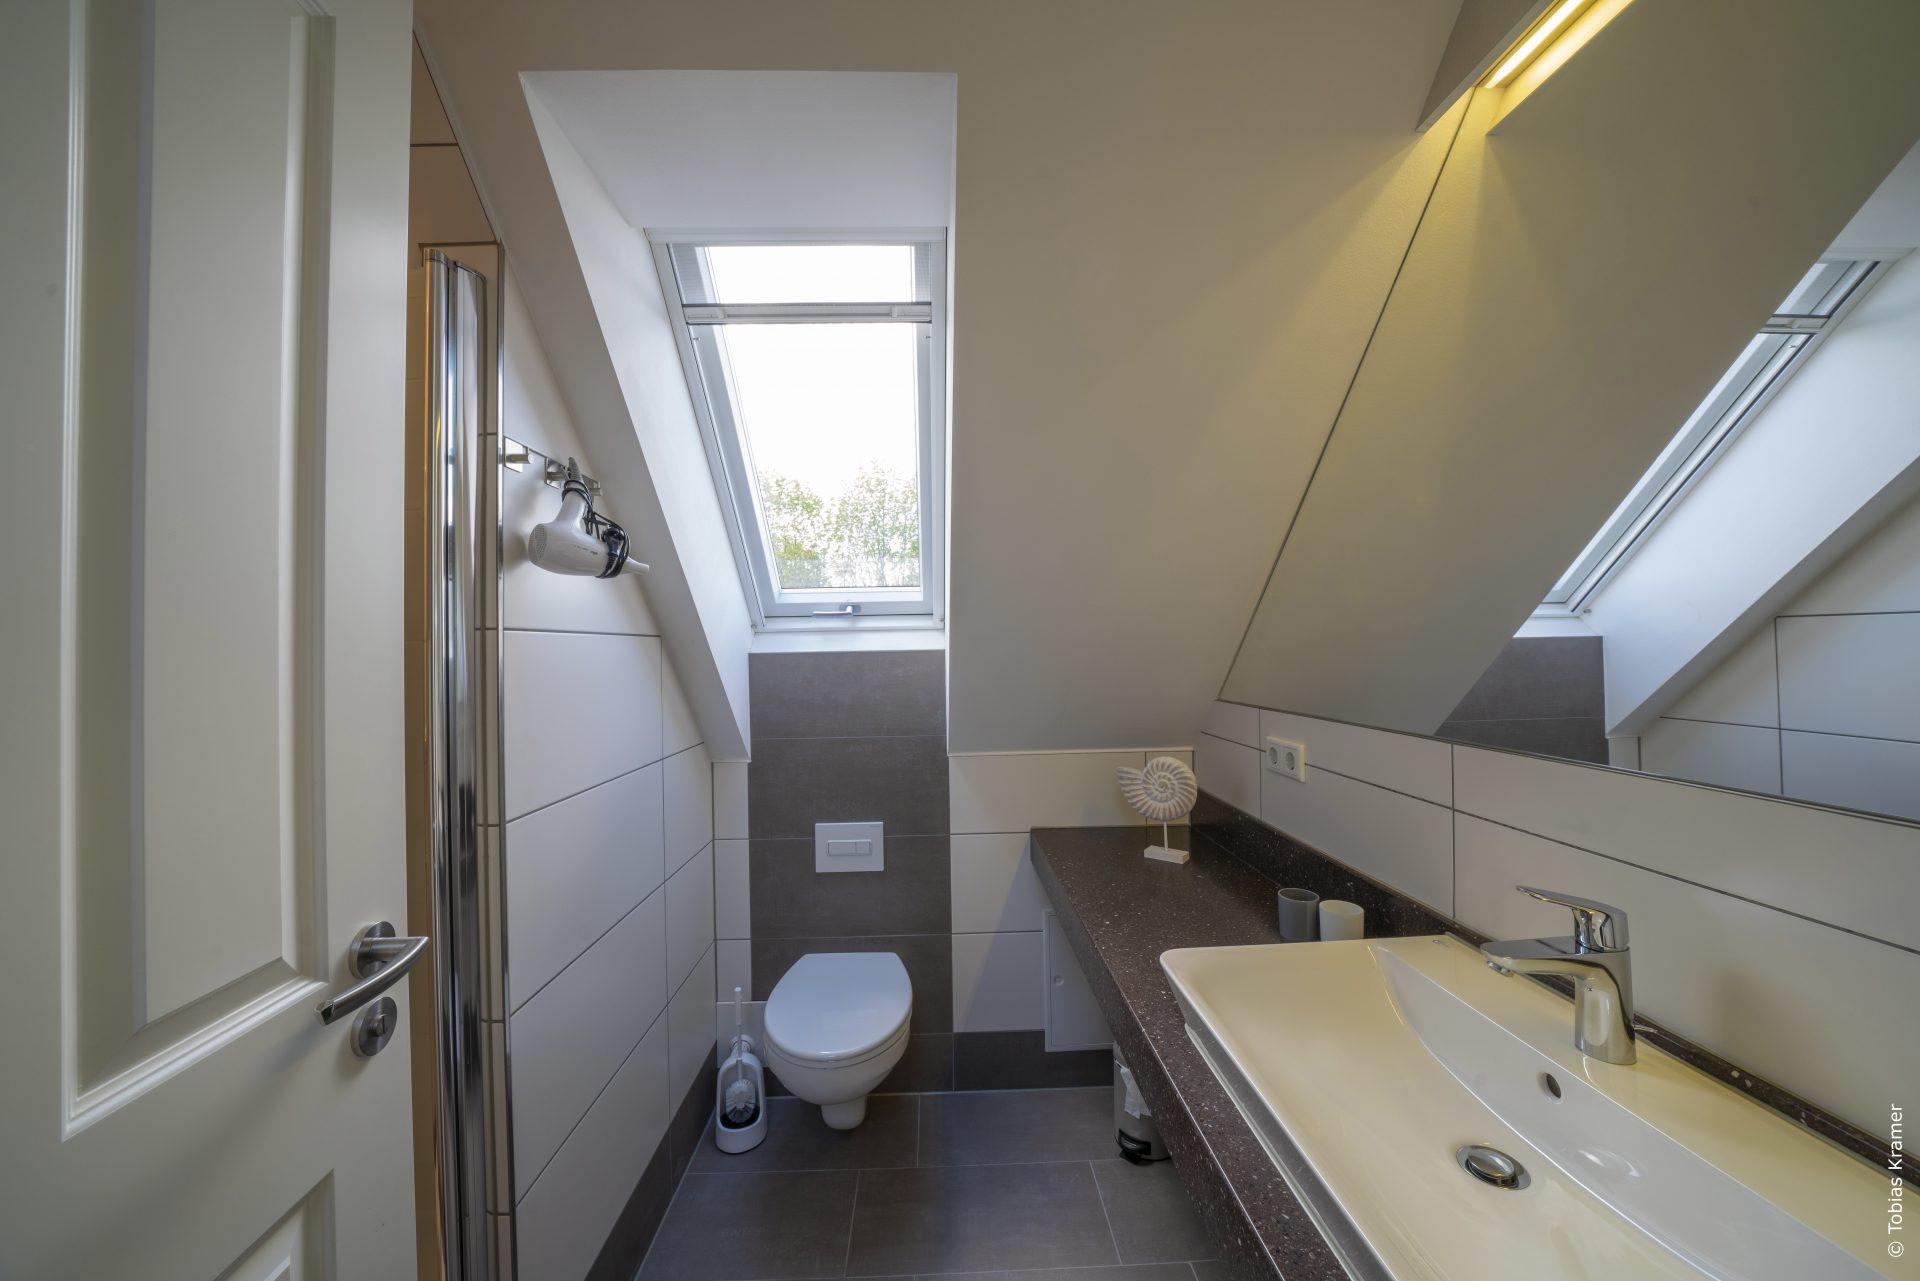 Bad mit Dusche im Dachgeschoss